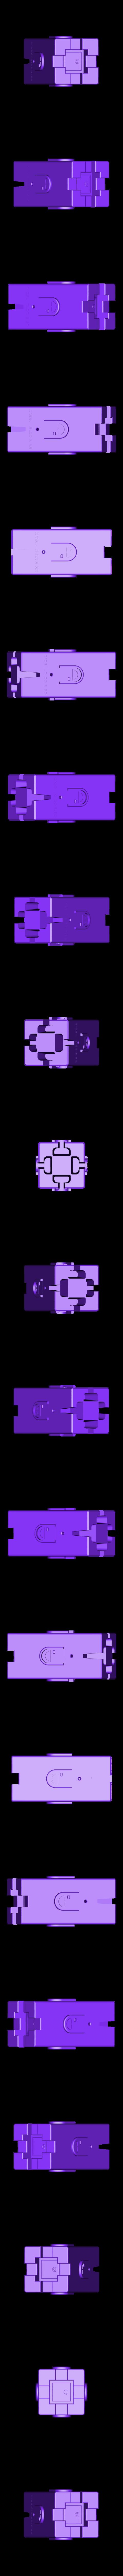 Scout_Tower_+_Closed_(Modular Castle Playset - 3D-printable)_By_CreativeTools.se.stl Télécharger fichier STL gratuit Plateau modulaire de château (imprimable en 3D) • Modèle à imprimer en 3D, CreativeTools